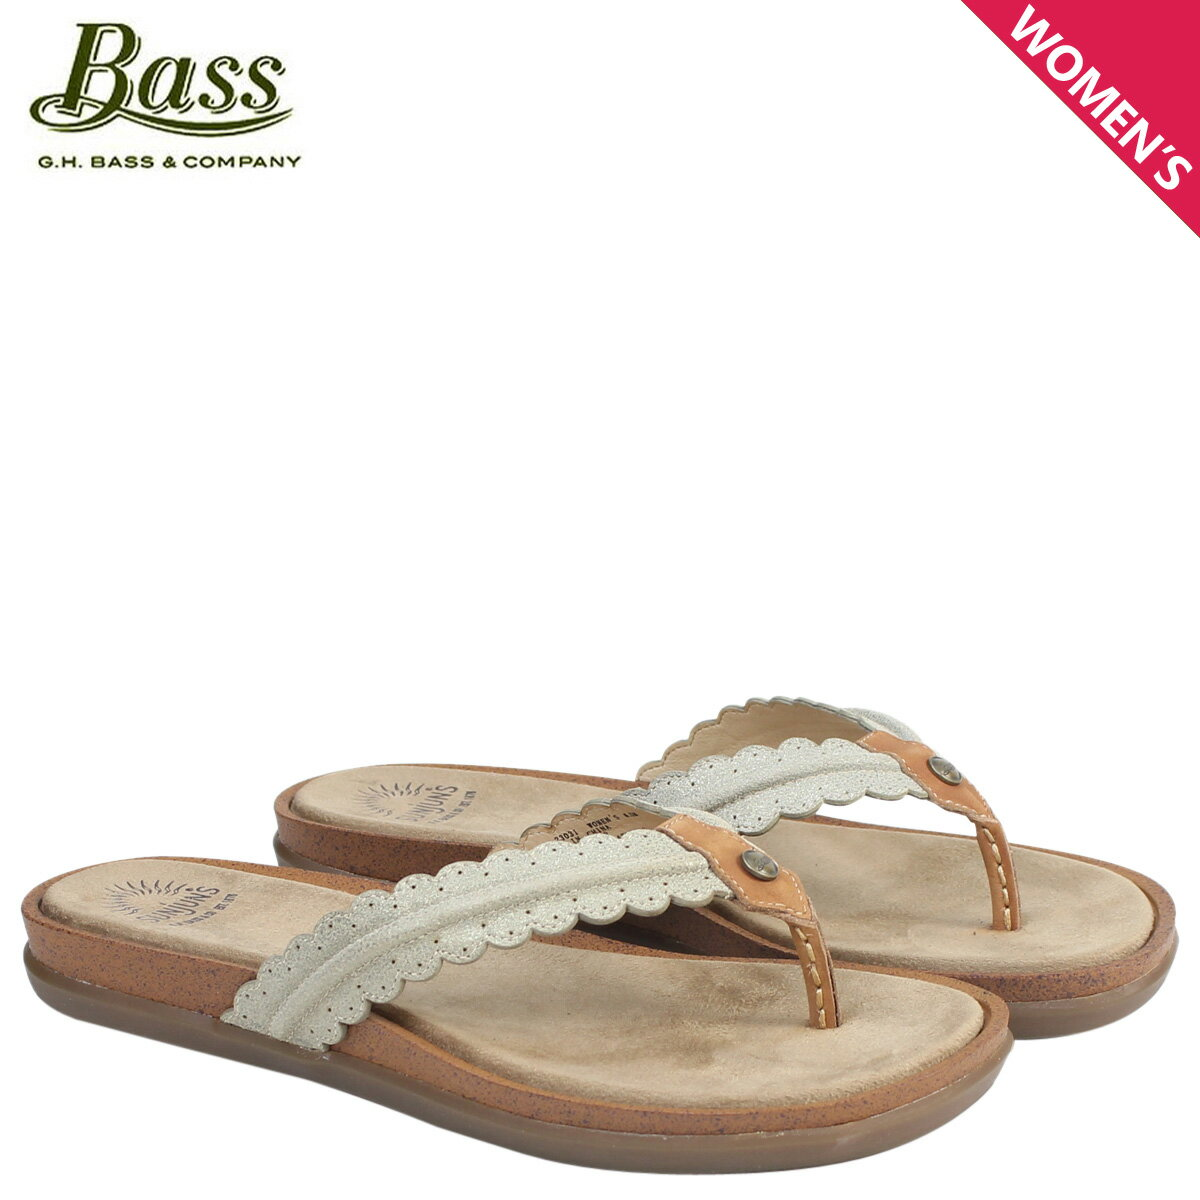 ジーエイチバス サンダル レディース G.H. BASS トング SAMANTHA SCALLOPED SUNJUNS 71-23031 靴 ブラウン [177]